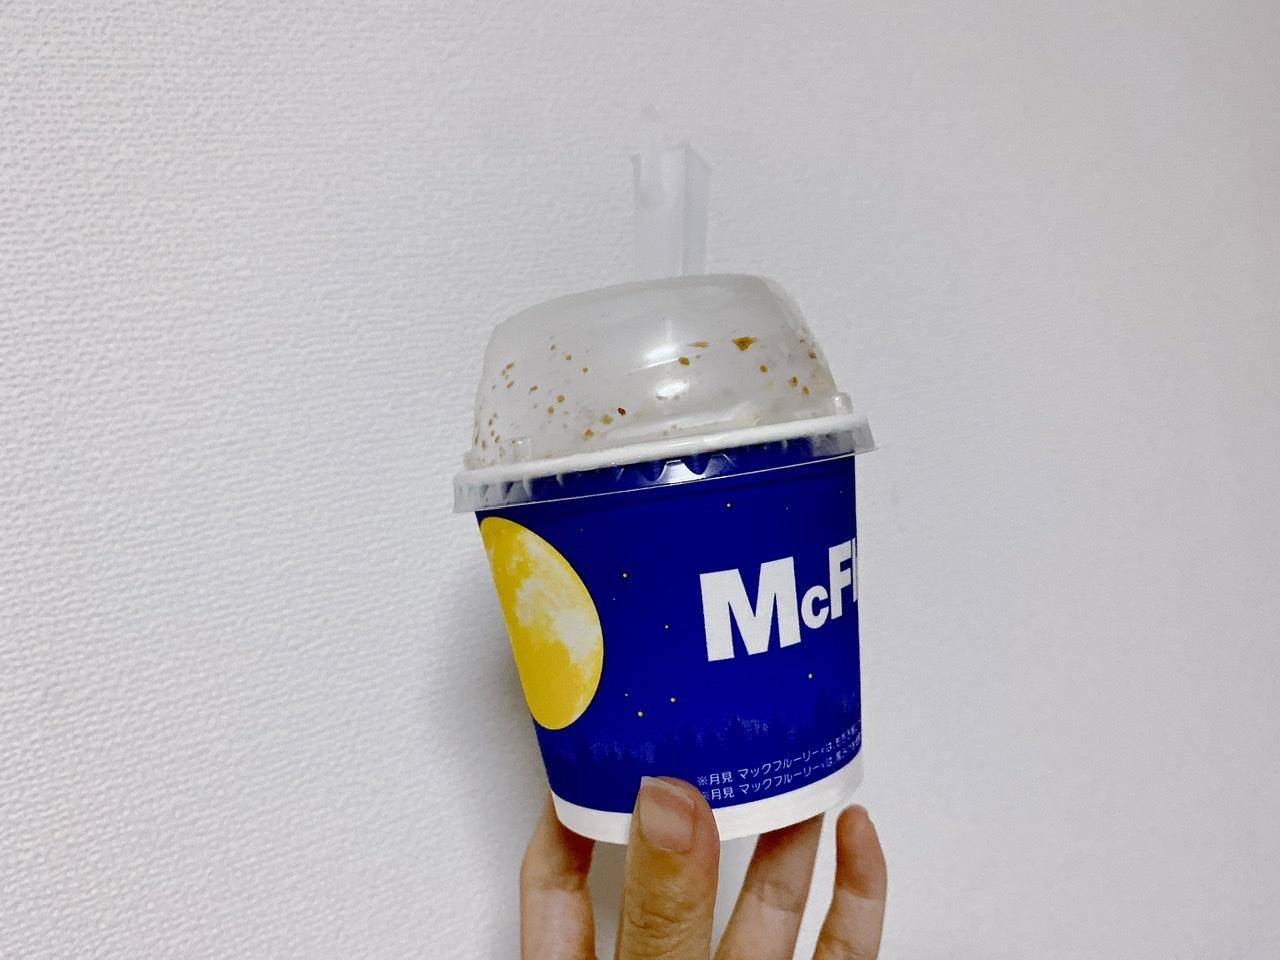 【マクドナルド】300kcal以下!黒みつ×わらびもち《マックフルーリー月見》が美味♡_2